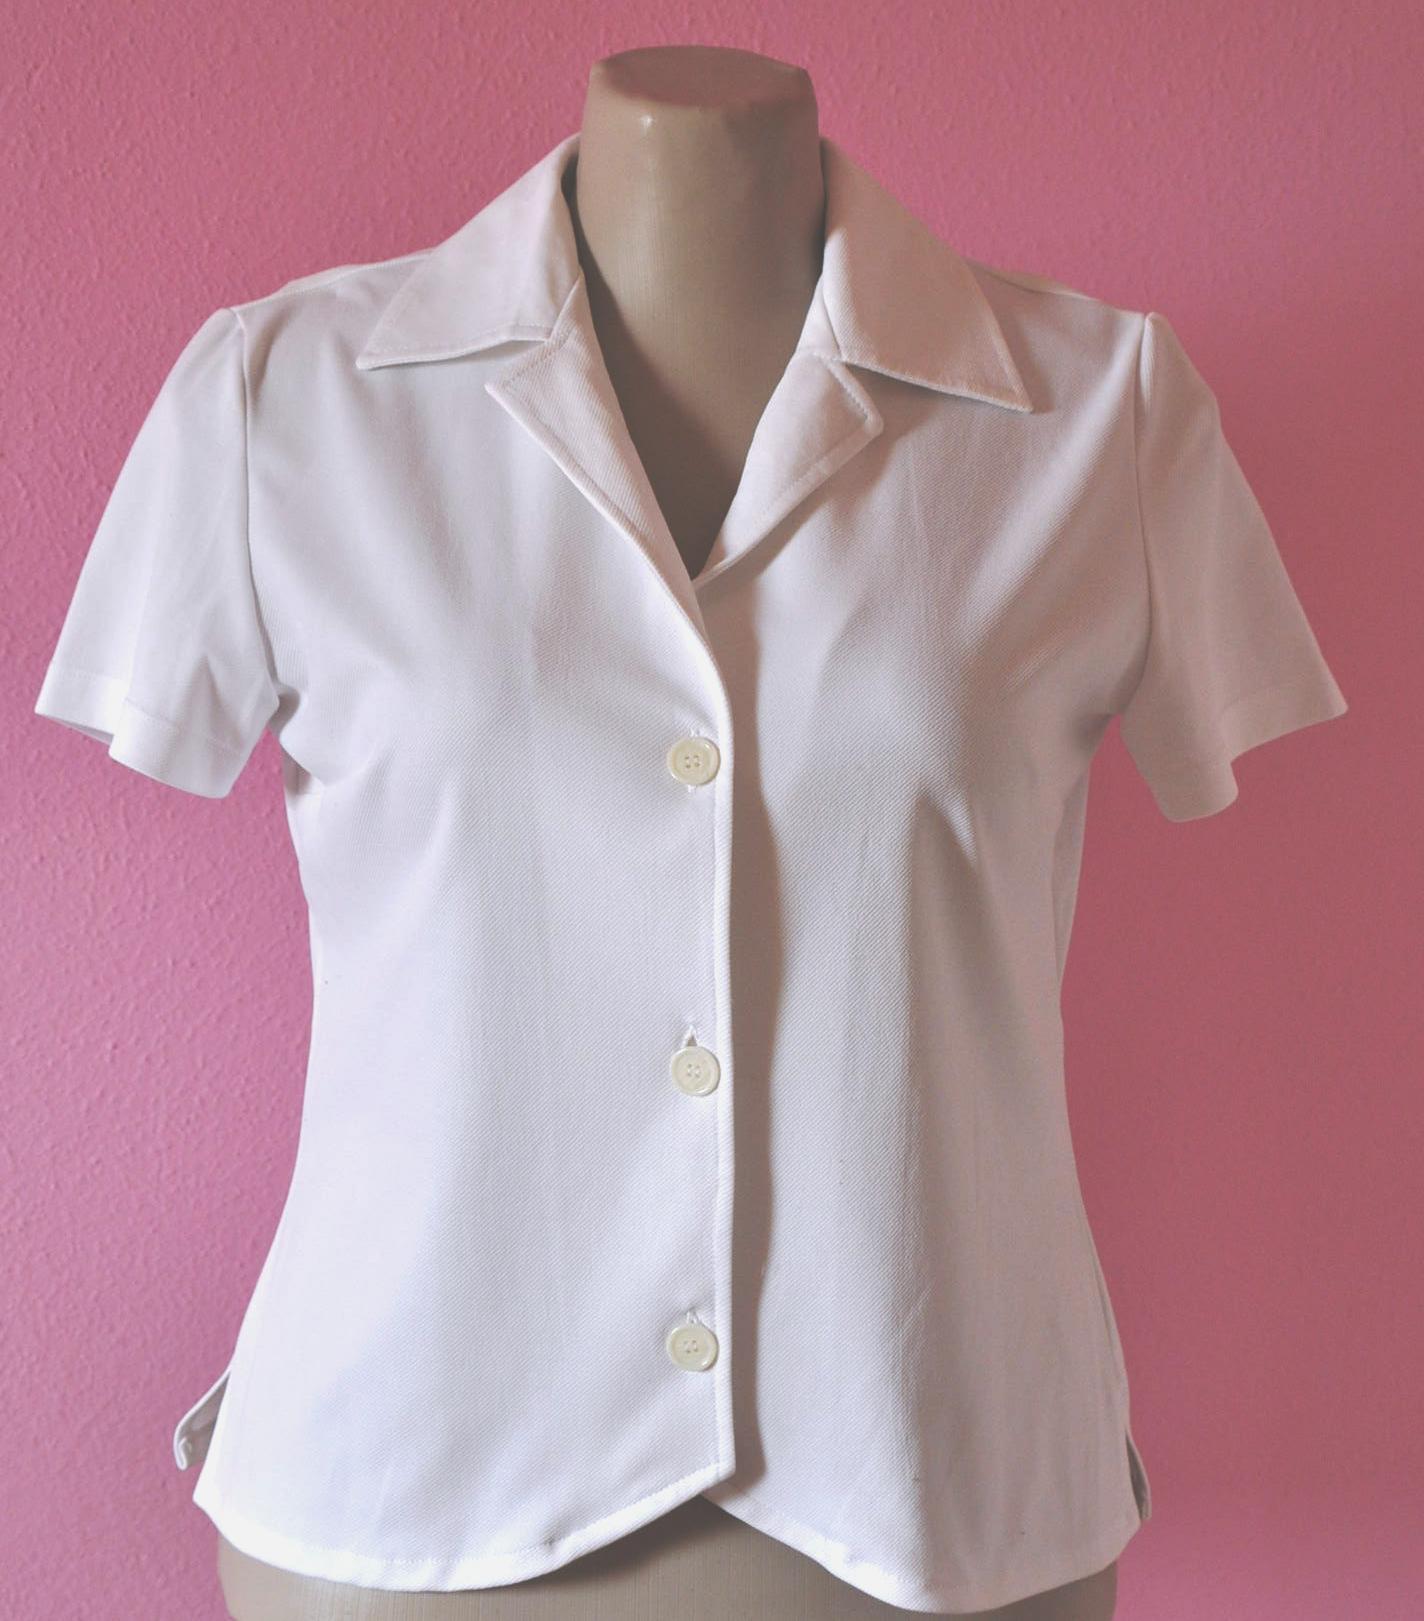 casaquinho branco manga curta